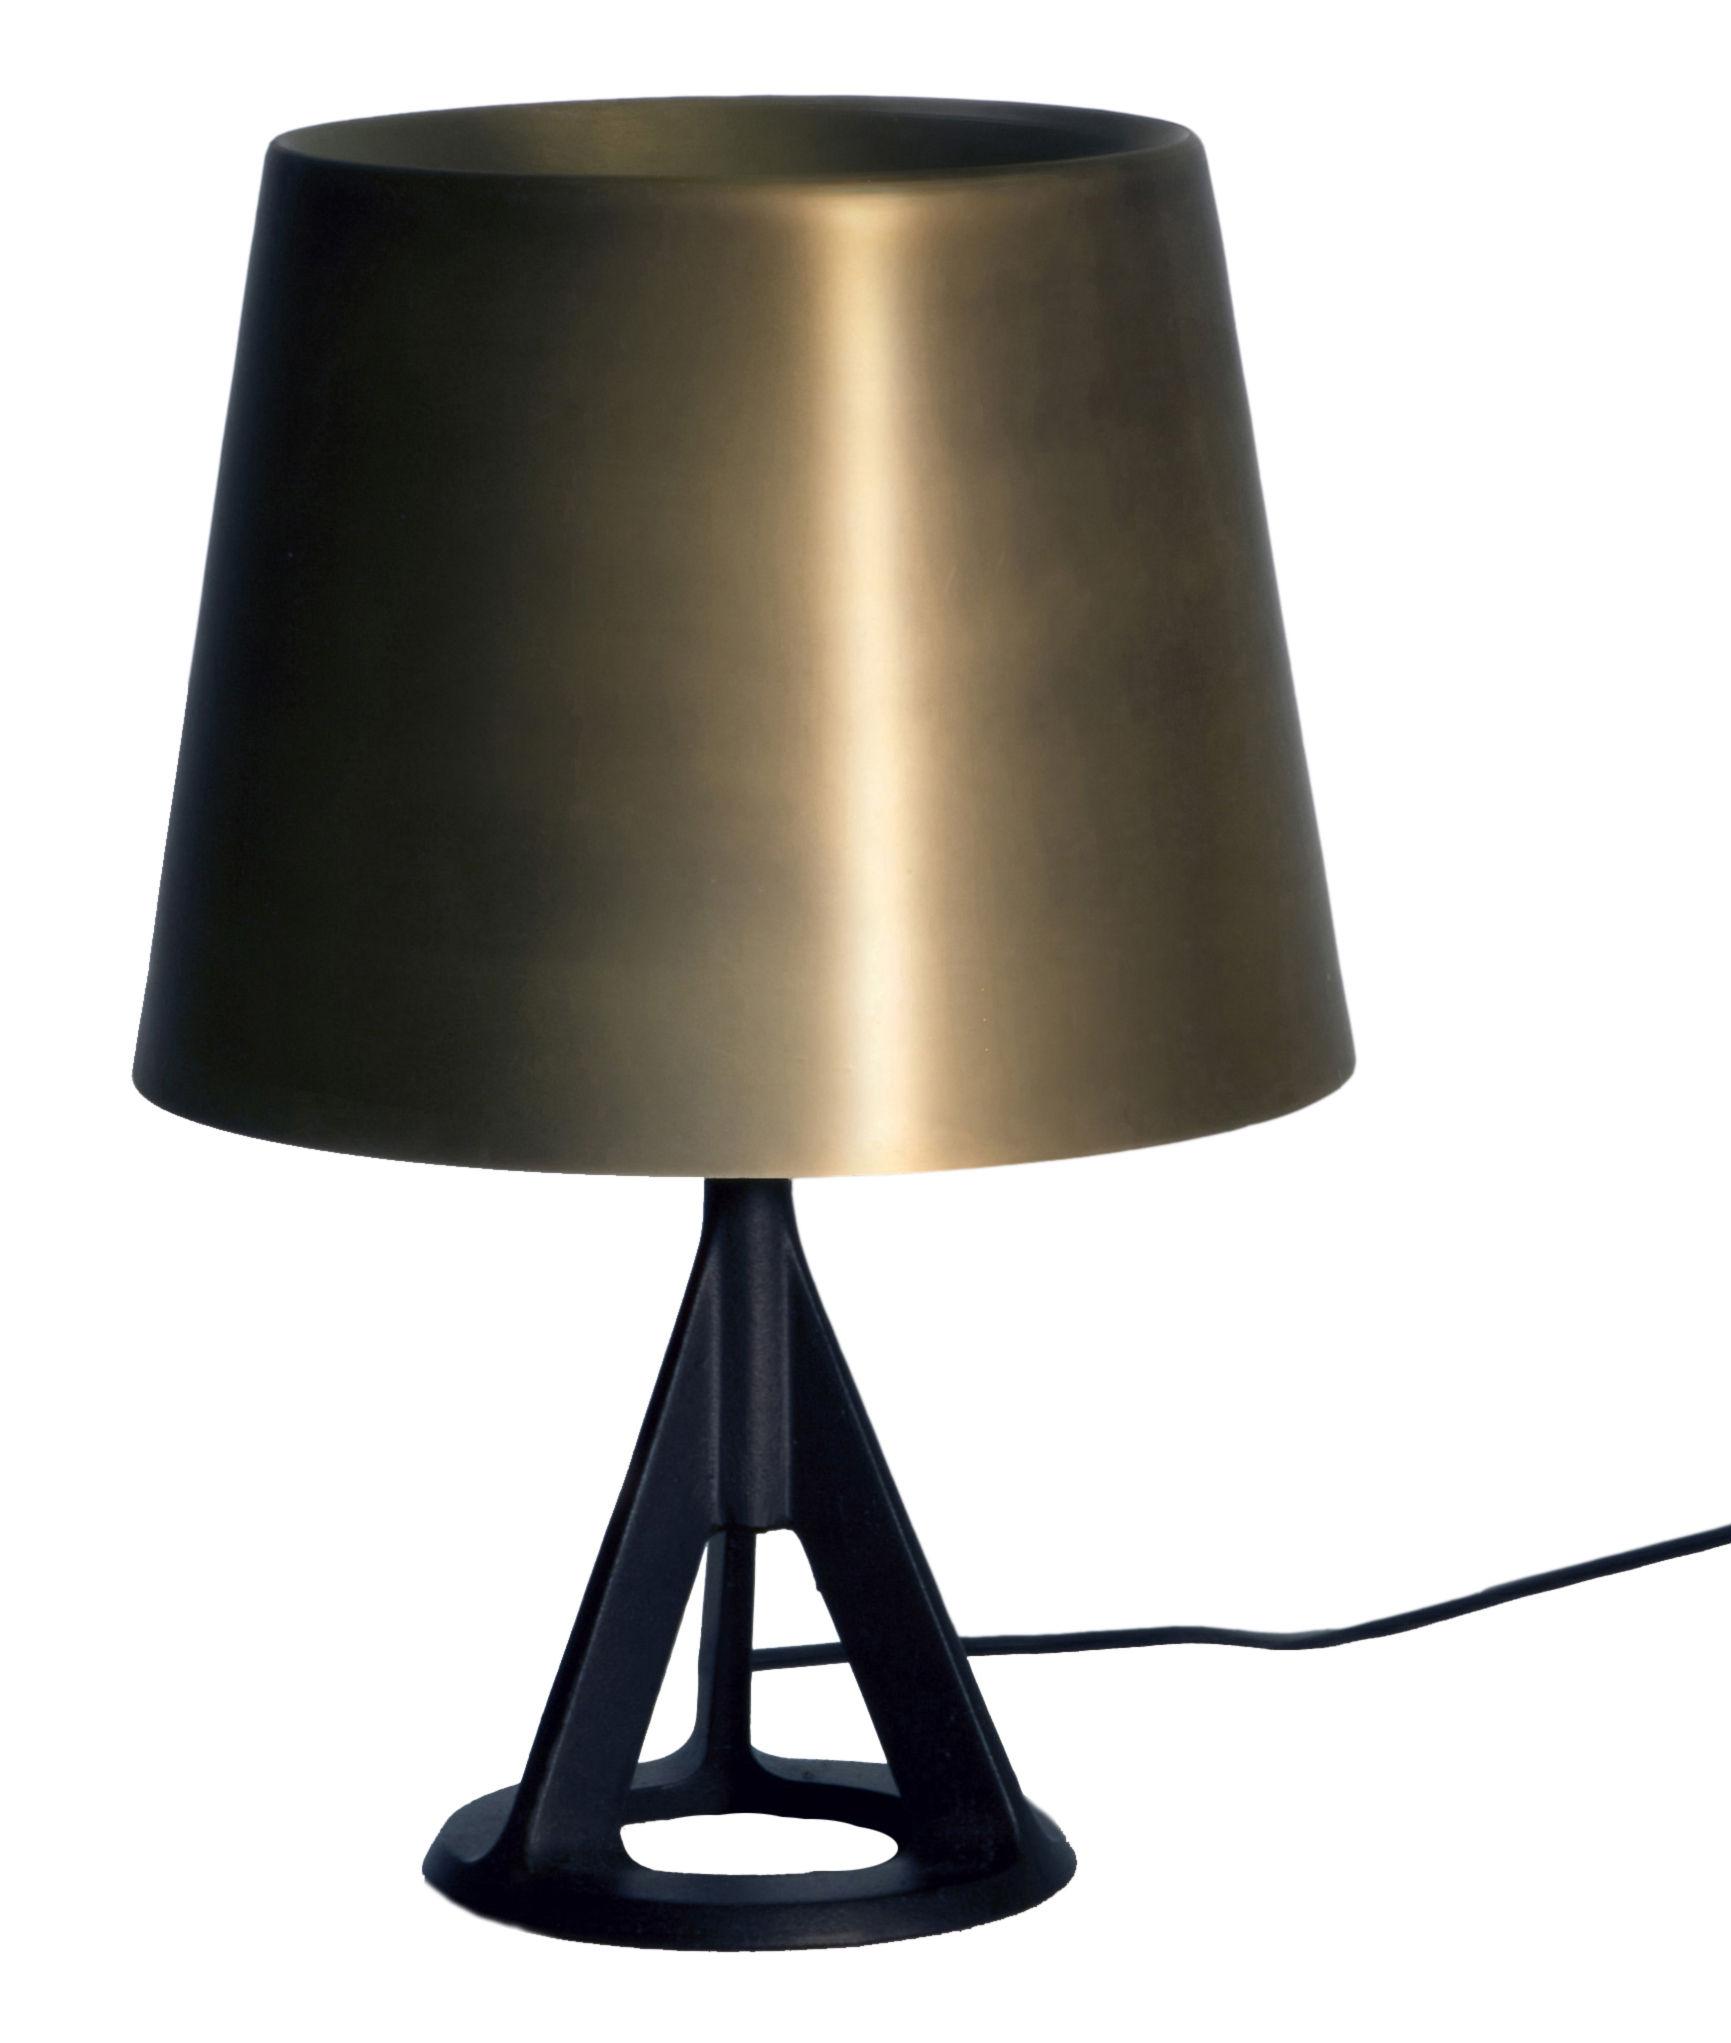 lampe de table base laiton mat noir tom dixon. Black Bedroom Furniture Sets. Home Design Ideas